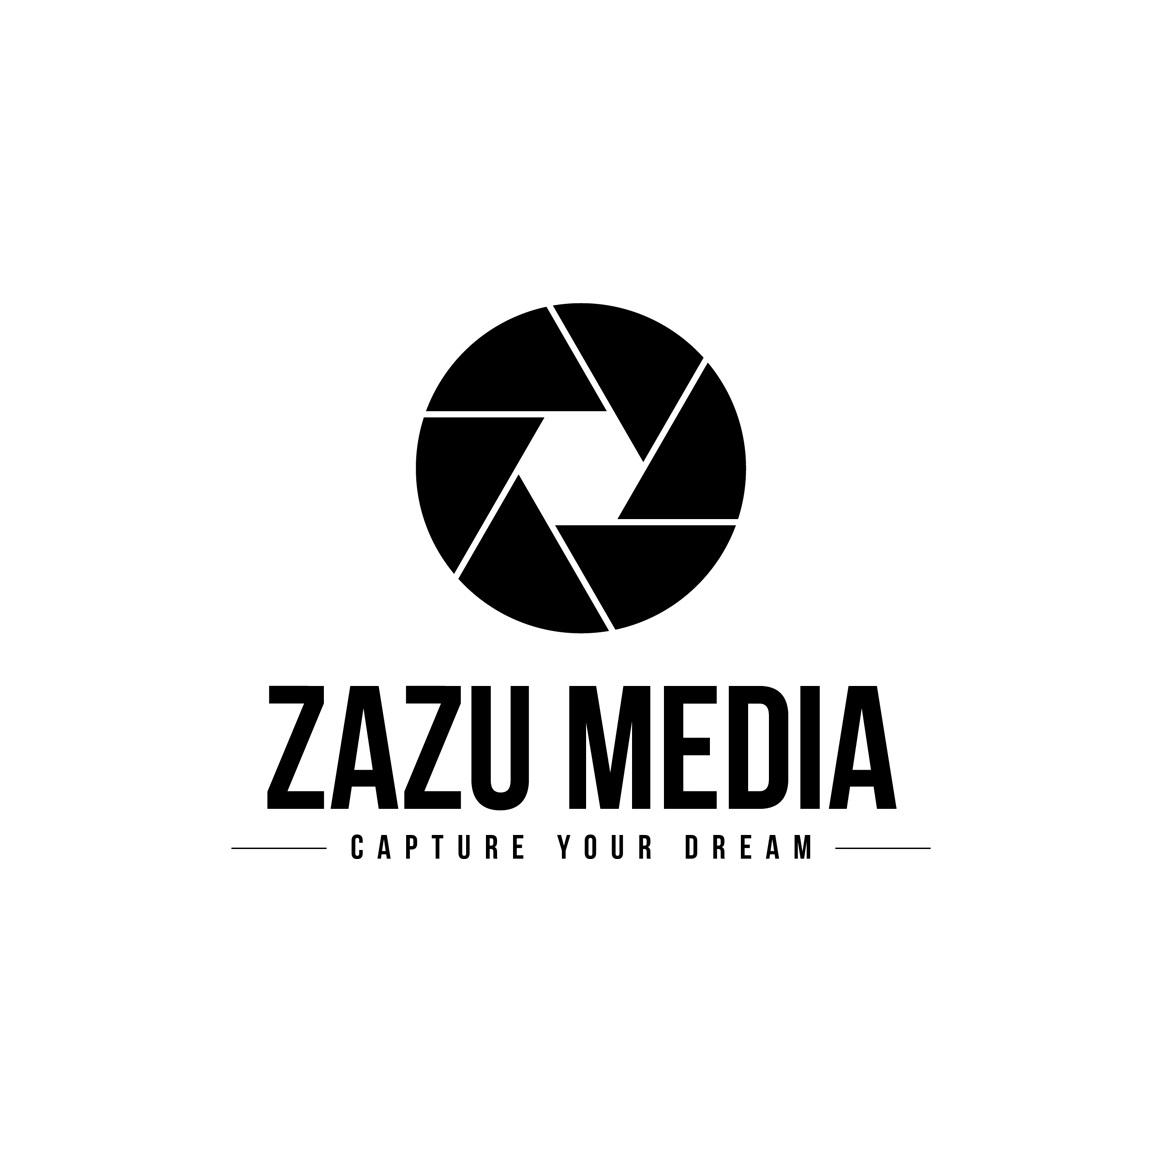 zazu+media+jpg.jpg